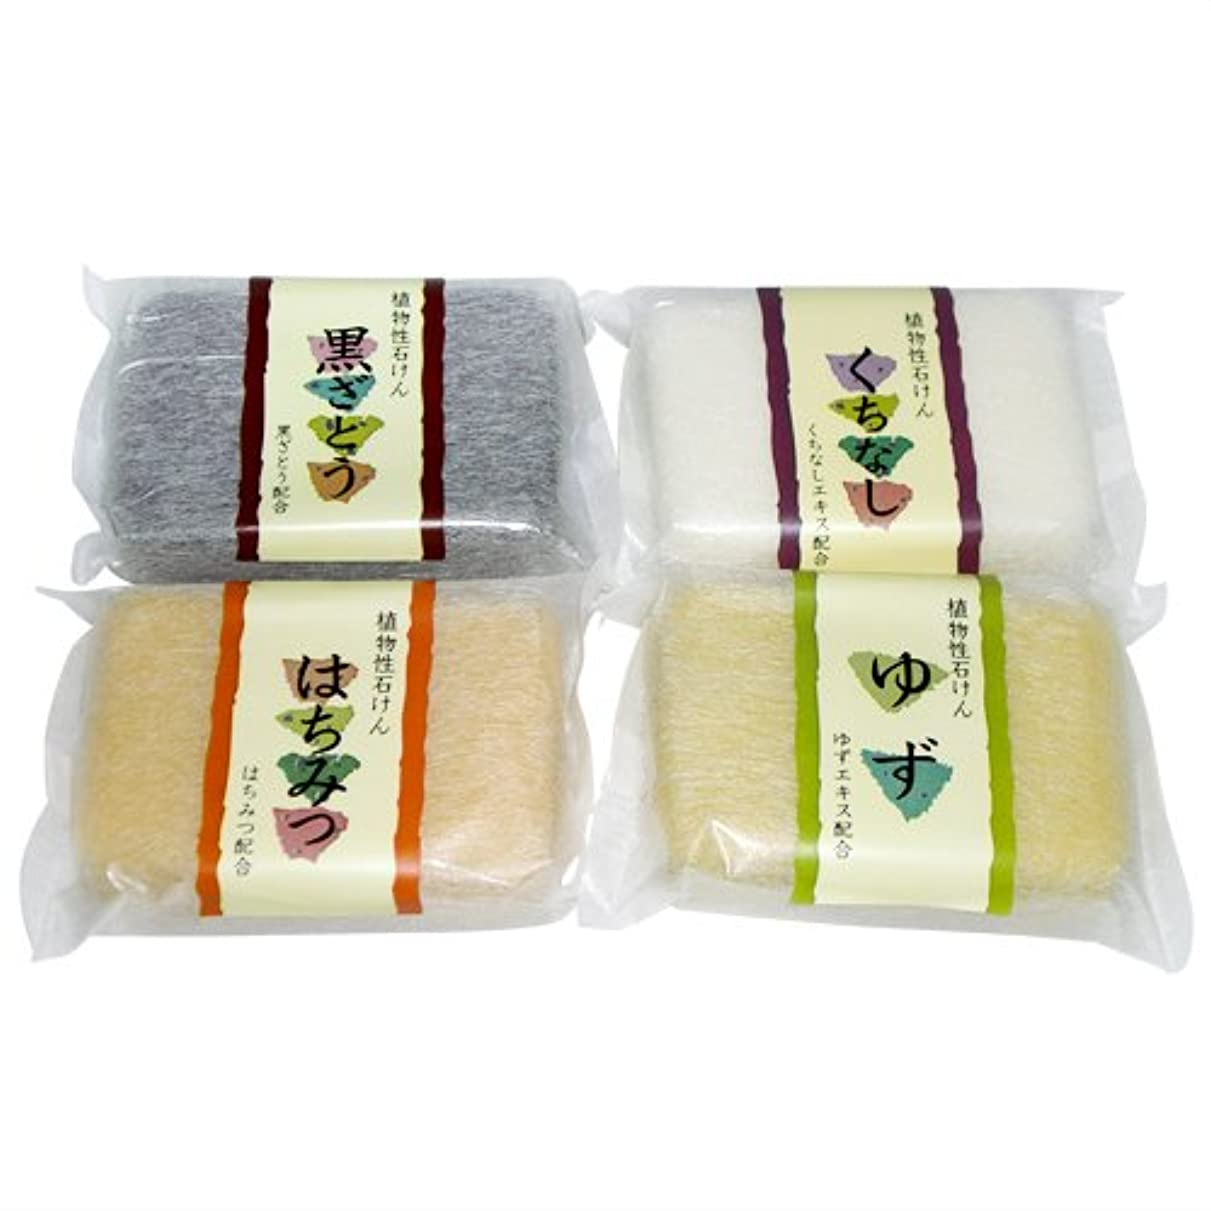 整然とした蜜重なる植物性ソープ 自然石けん (80g) 種類おまかせ 2個セット